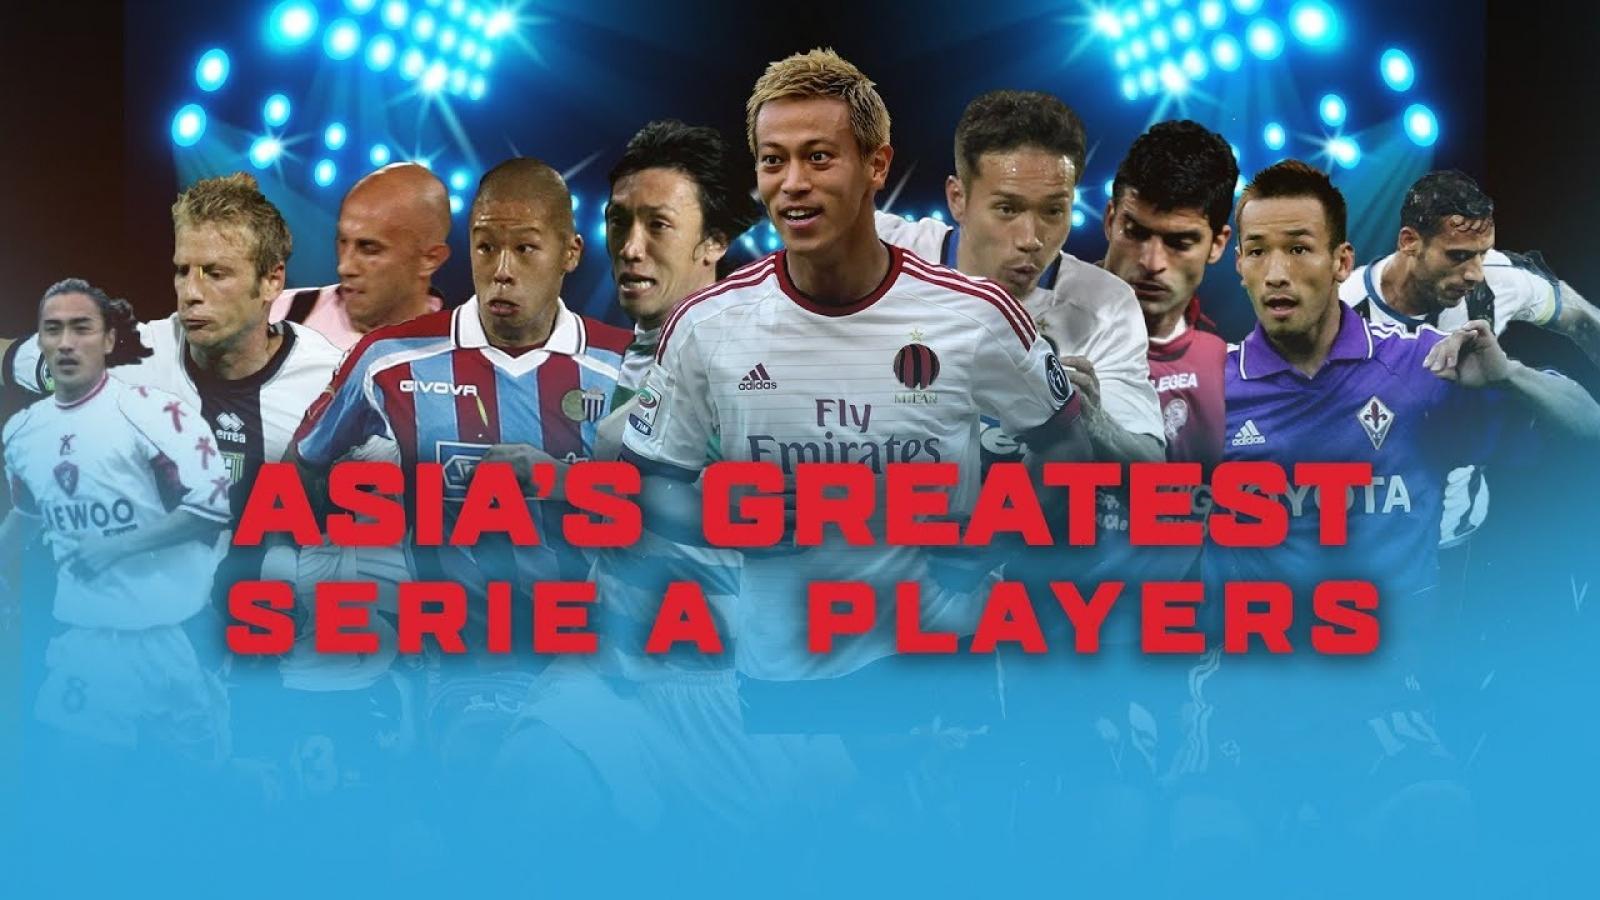 Top 10 cầu thủ châu Á thành công nhất tại Serie A